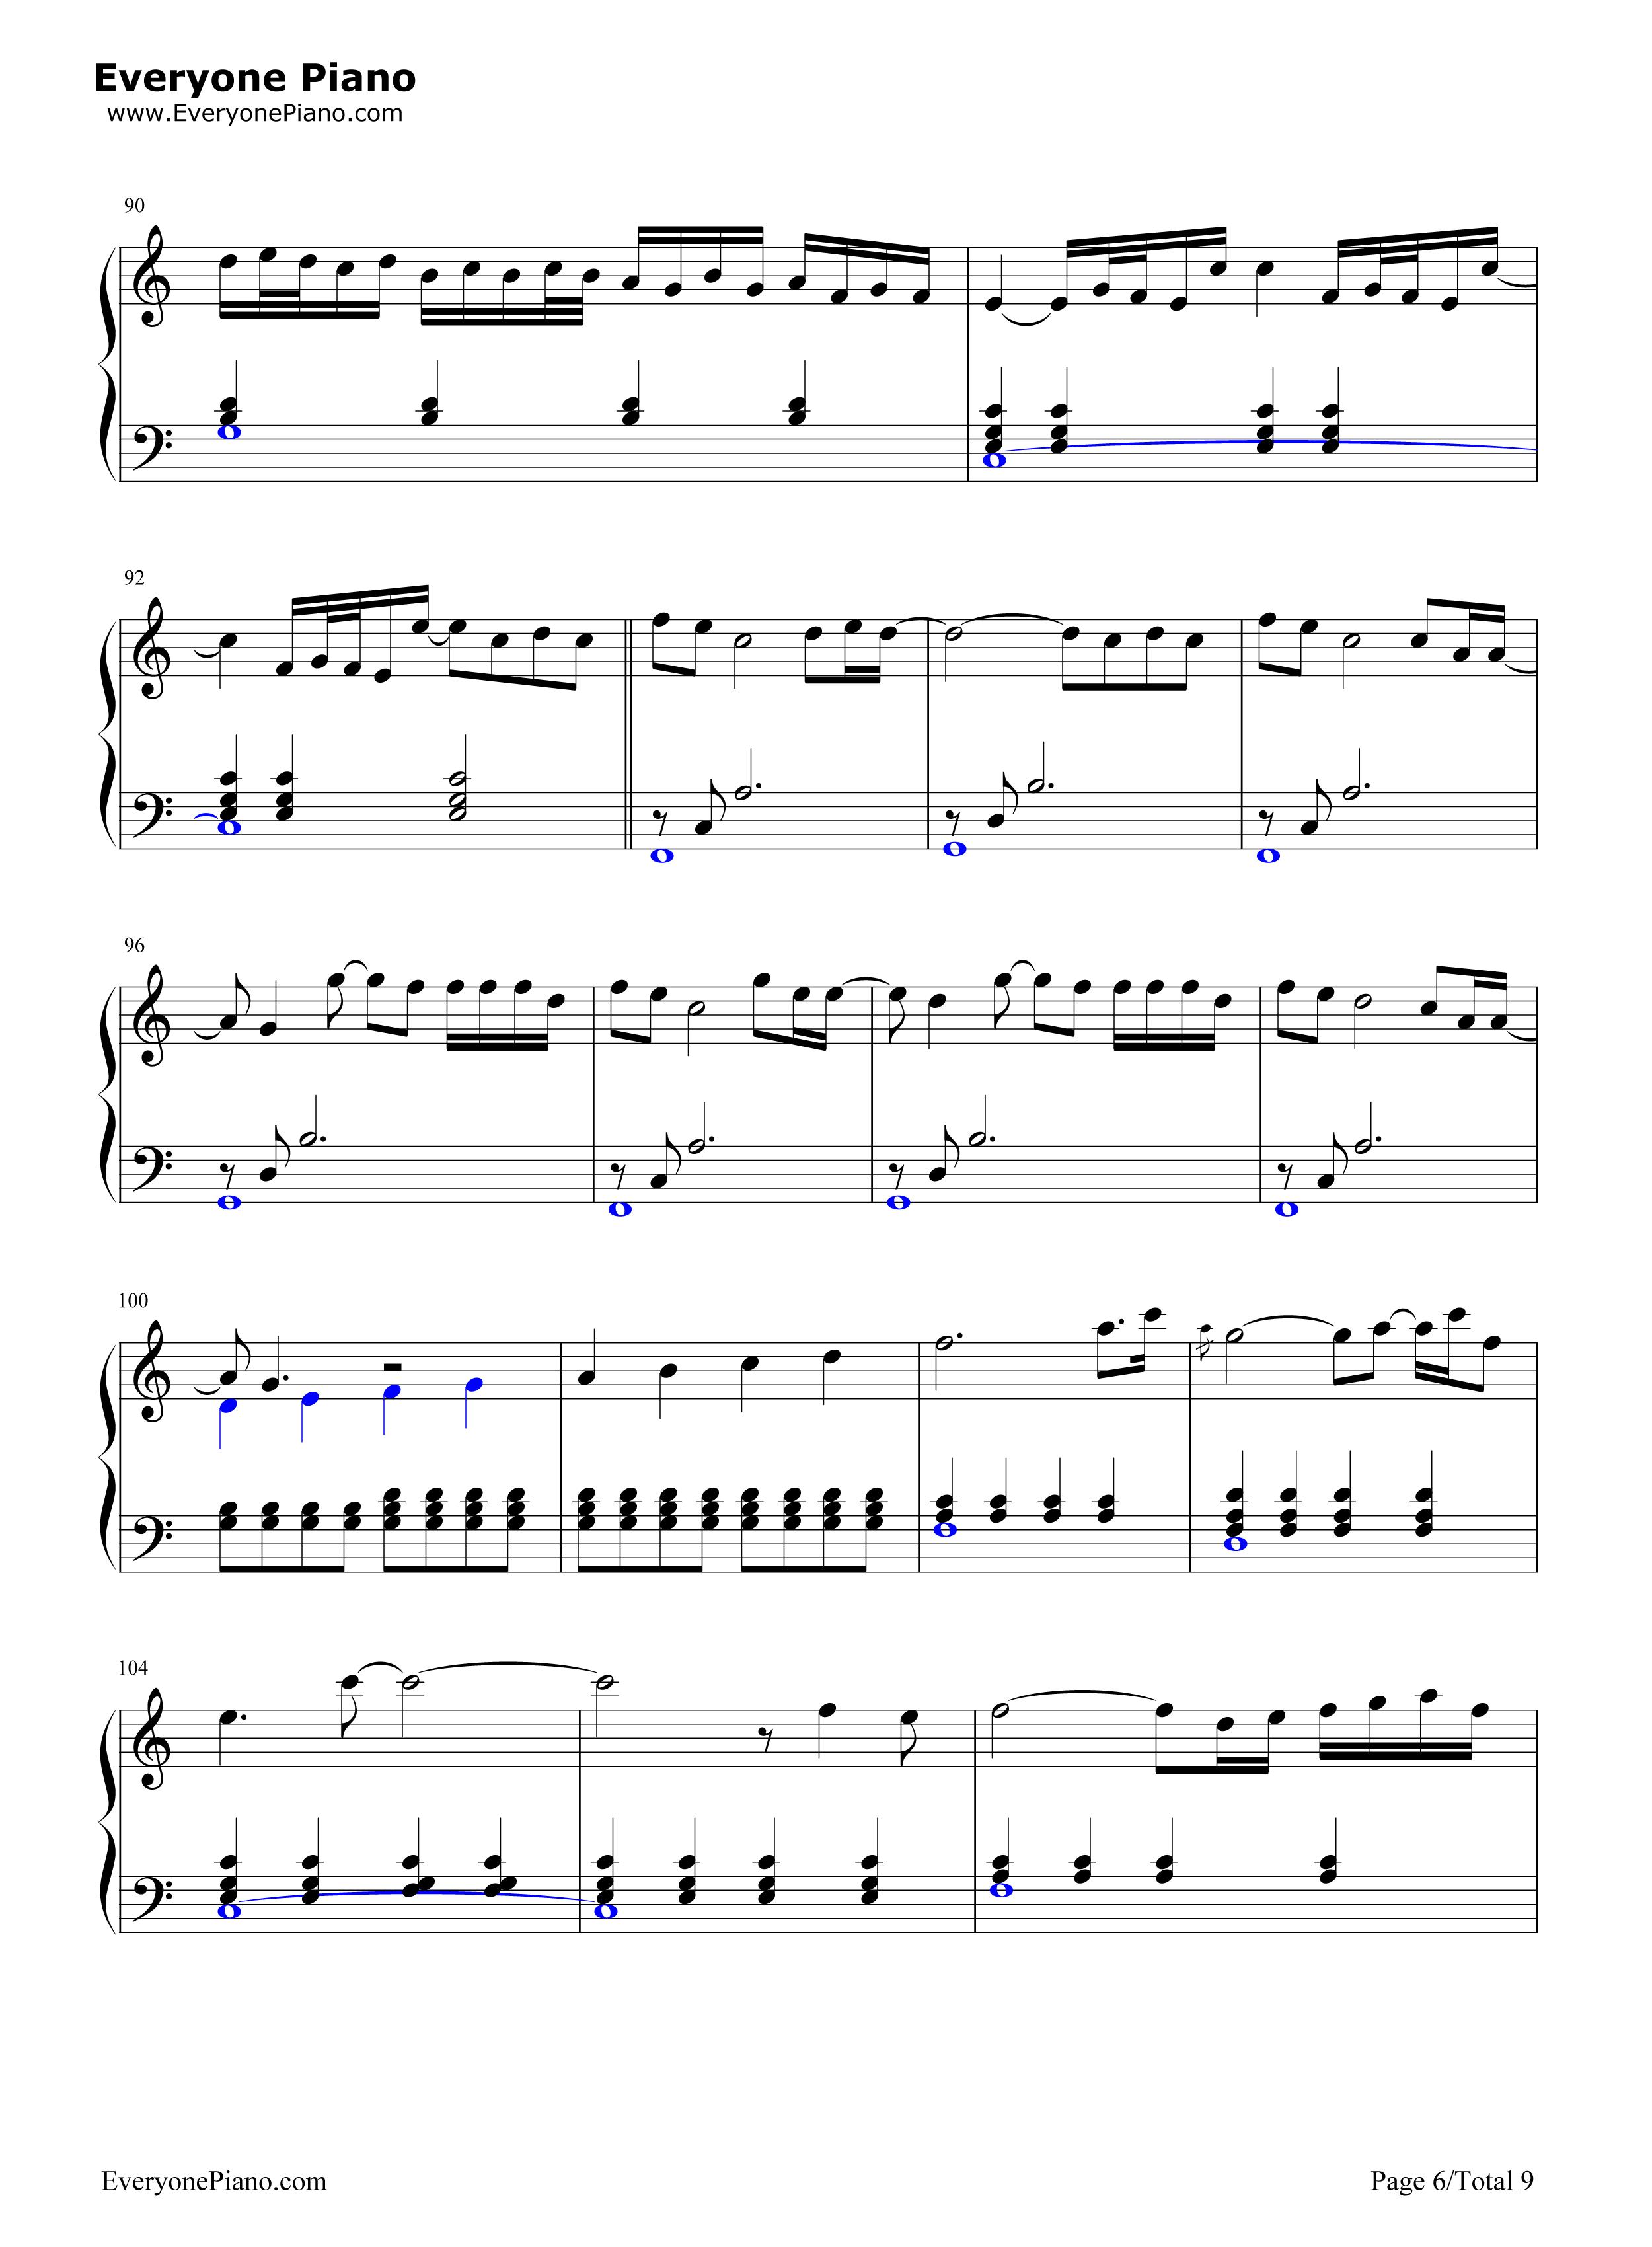 November Rain-Guns Nu0026#39; Roses Stave Preview 6-Free Piano Sheet Music u0026 Piano Chords